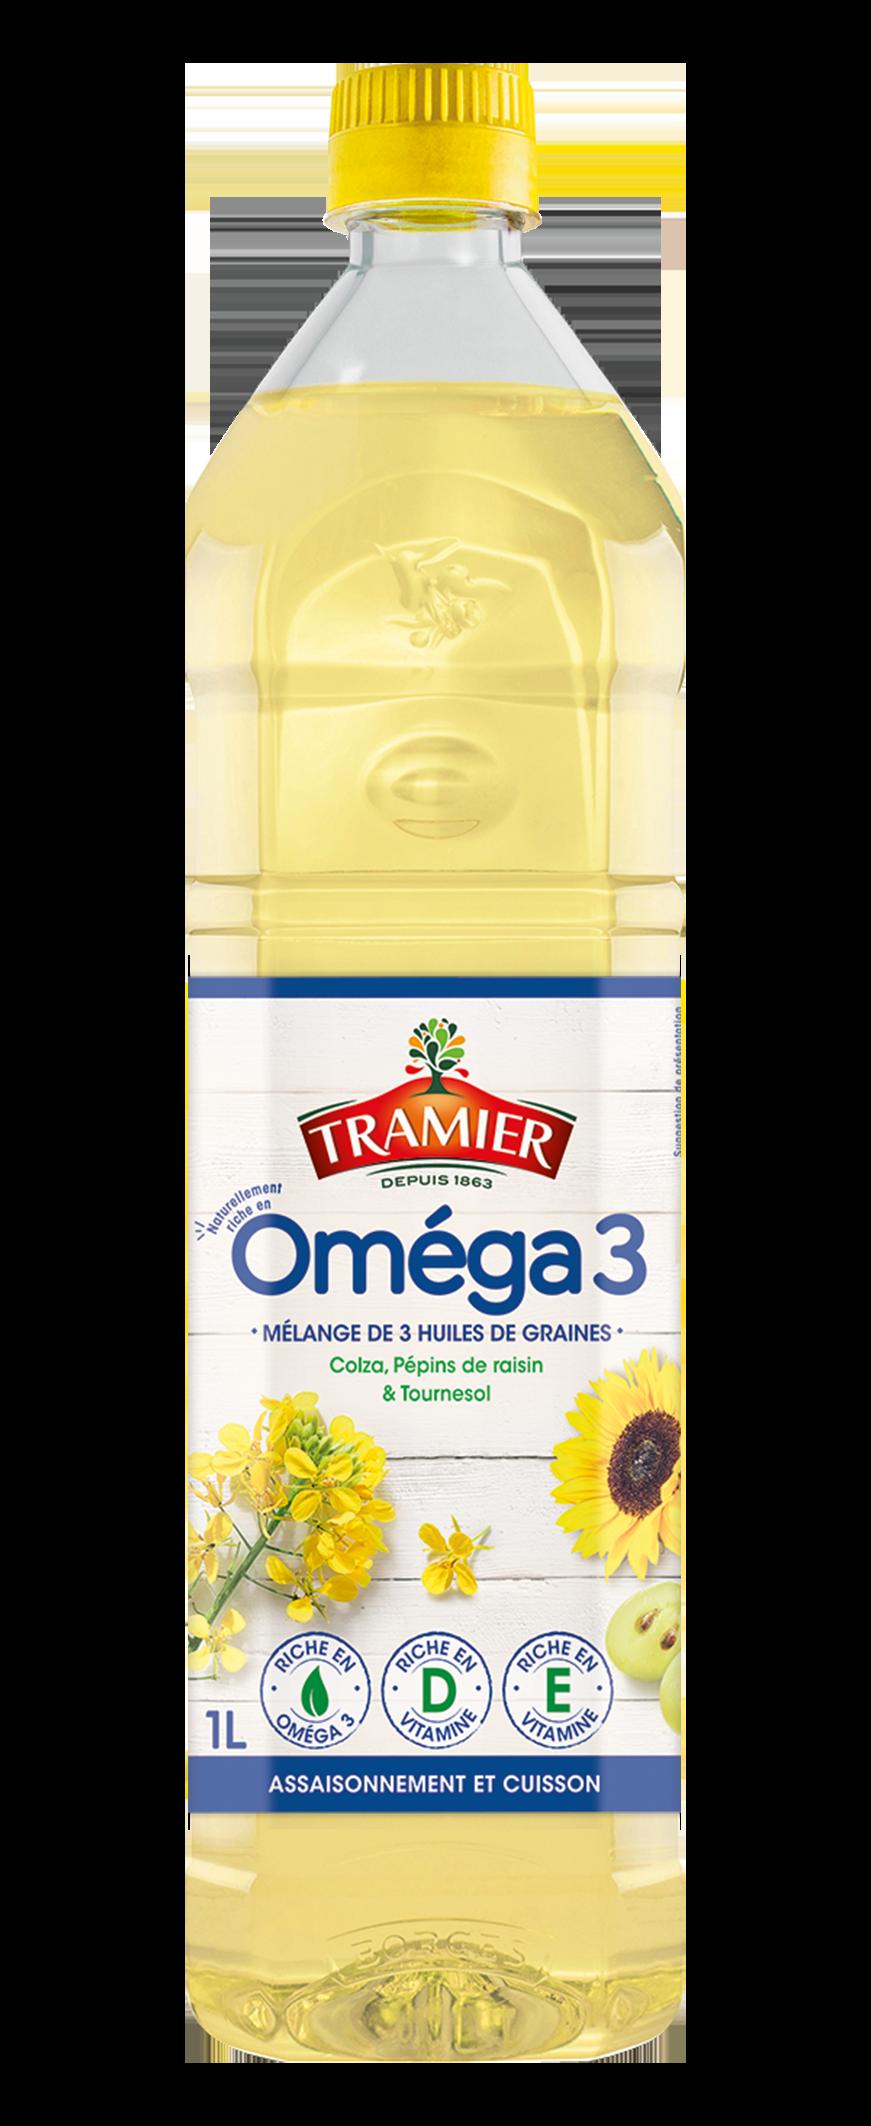 Bouteille Omega 3 TRAMIER - Tramier sort une nouvelle alliance d'huile